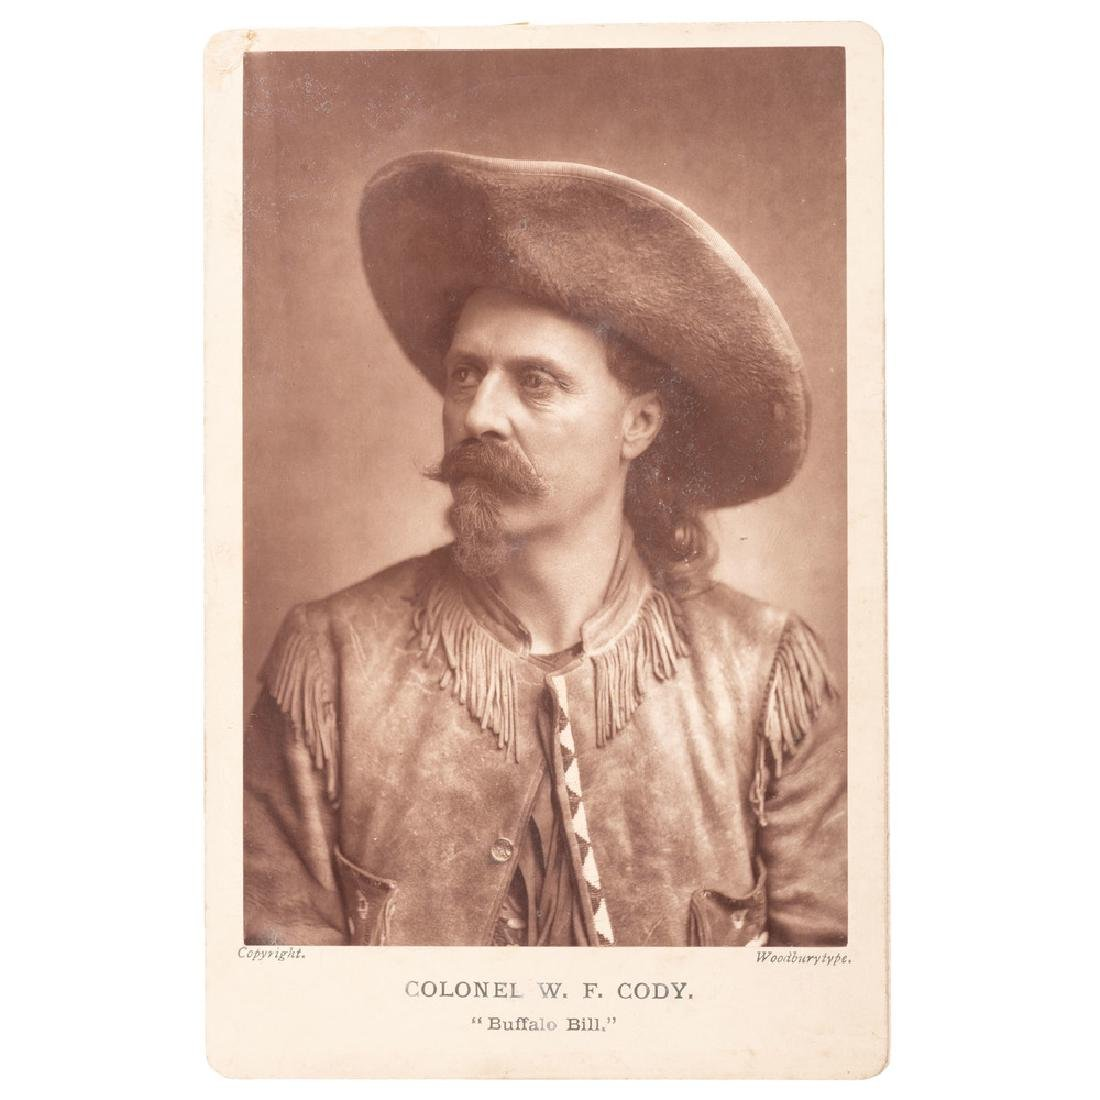 Buffalo Bill Cody Woodburytype Cabinet Card by Elliott